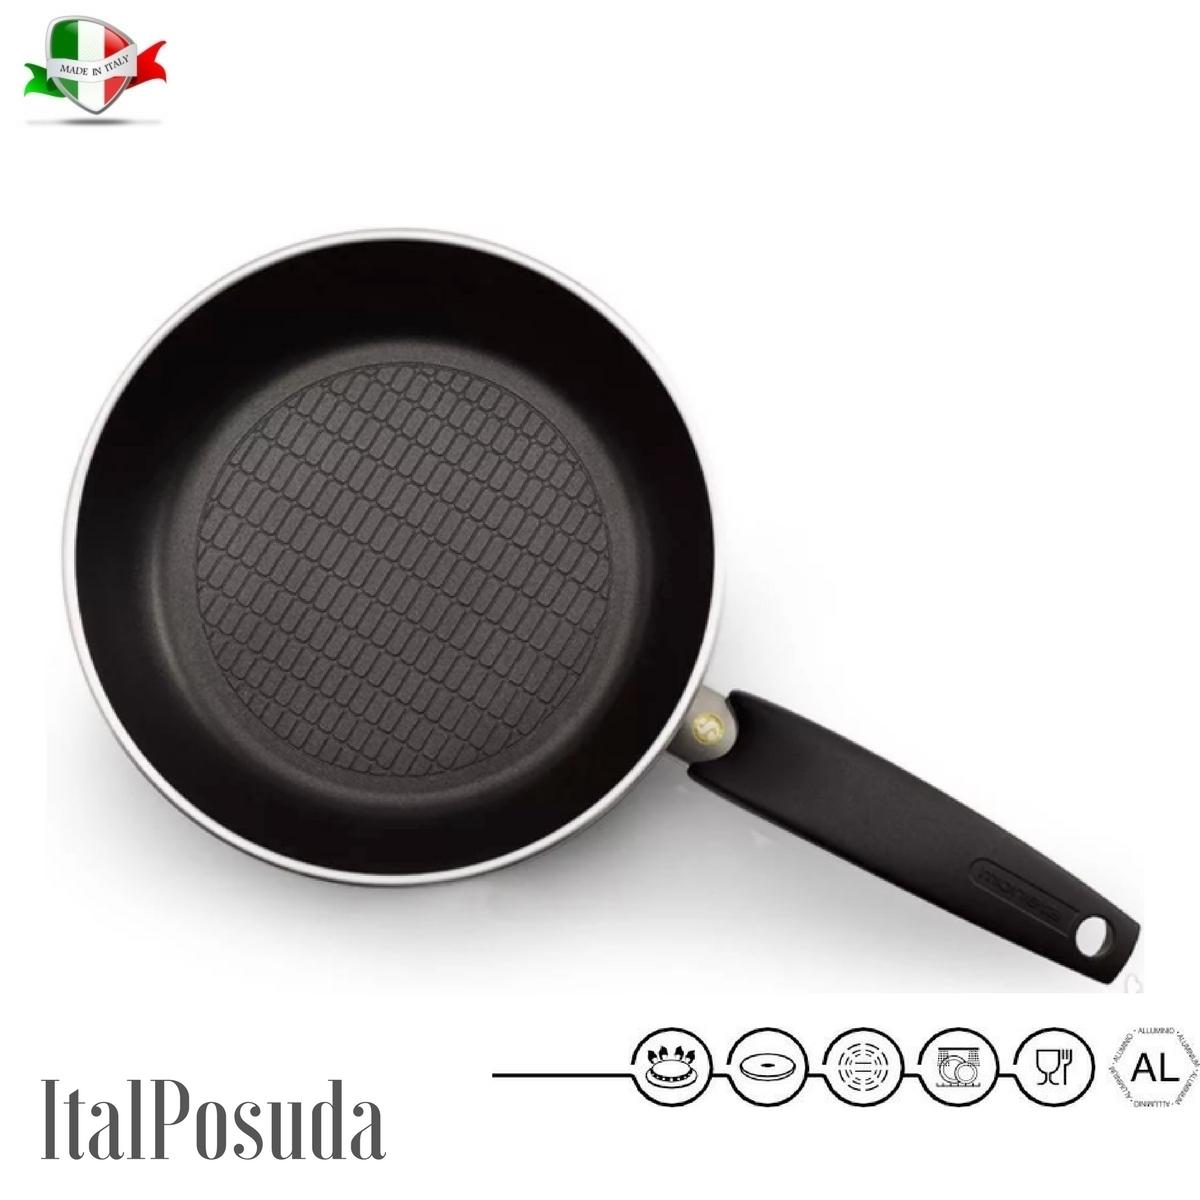 Сковорода MONETA Salvaenergia PLUS, 28 см